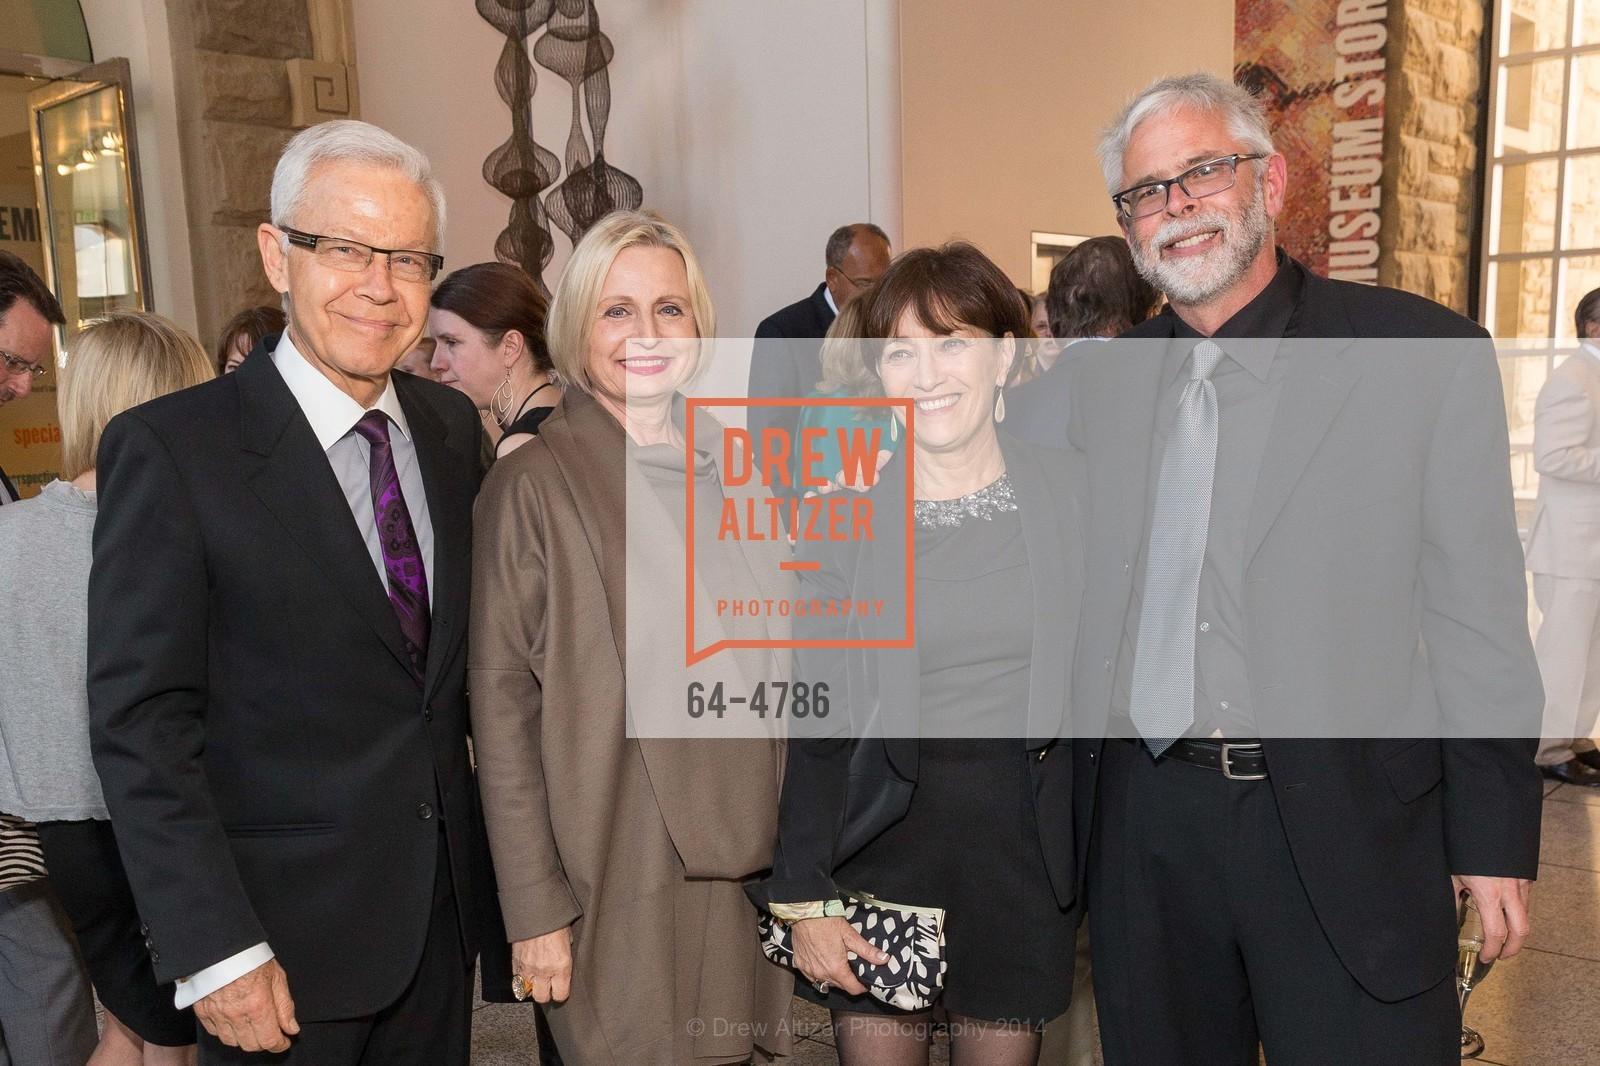 Wolfgang Hausen, Alexandra Hausen, Lorri Kershner, Larry Samuels, Photo #64-4786